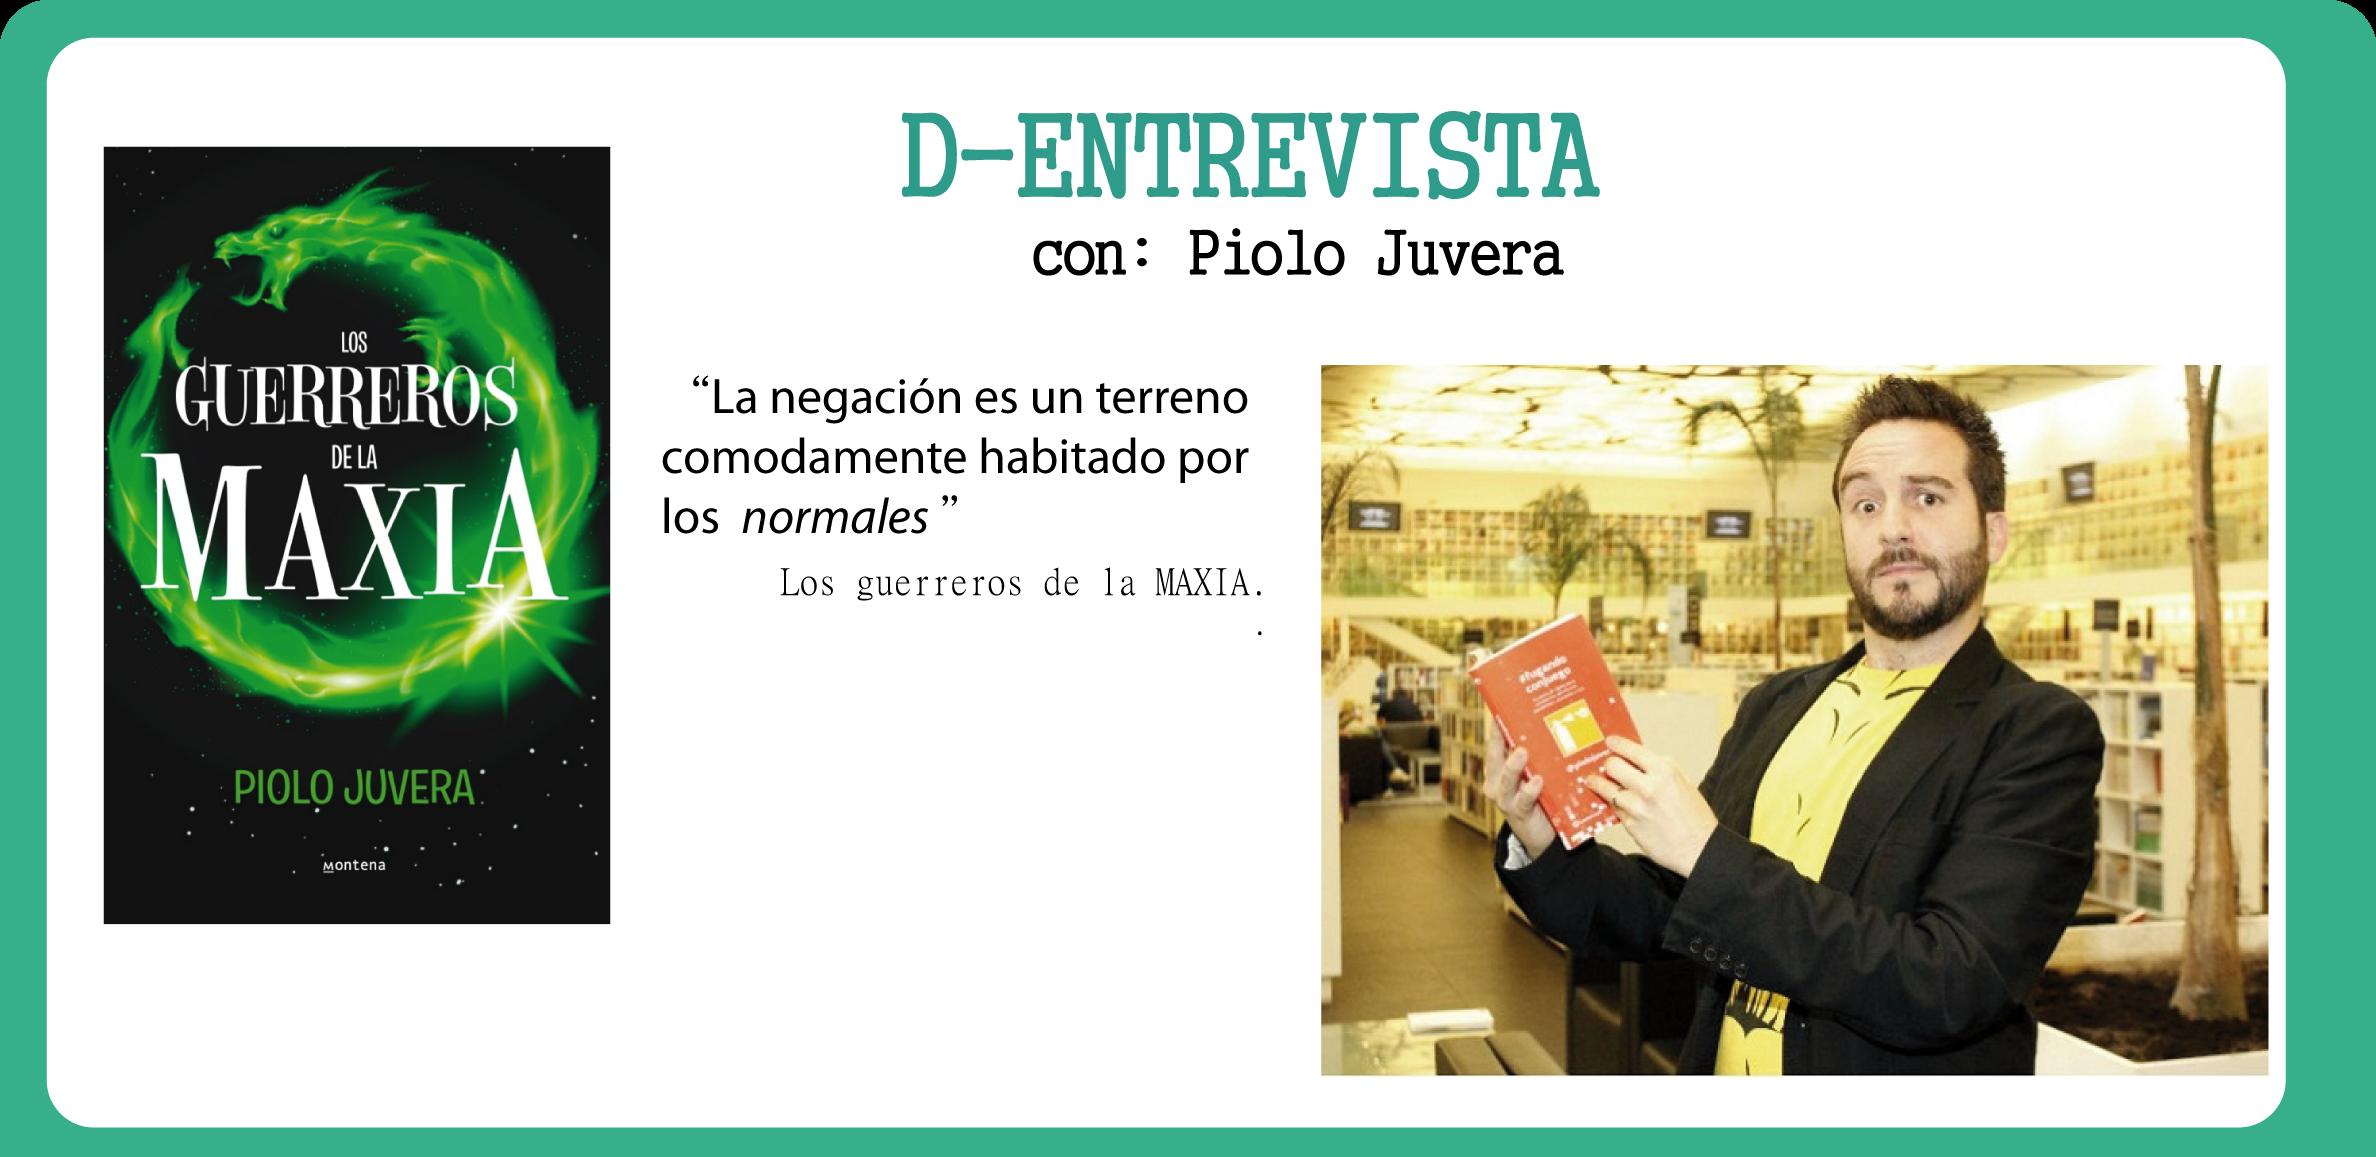 Dentrevista_piolo